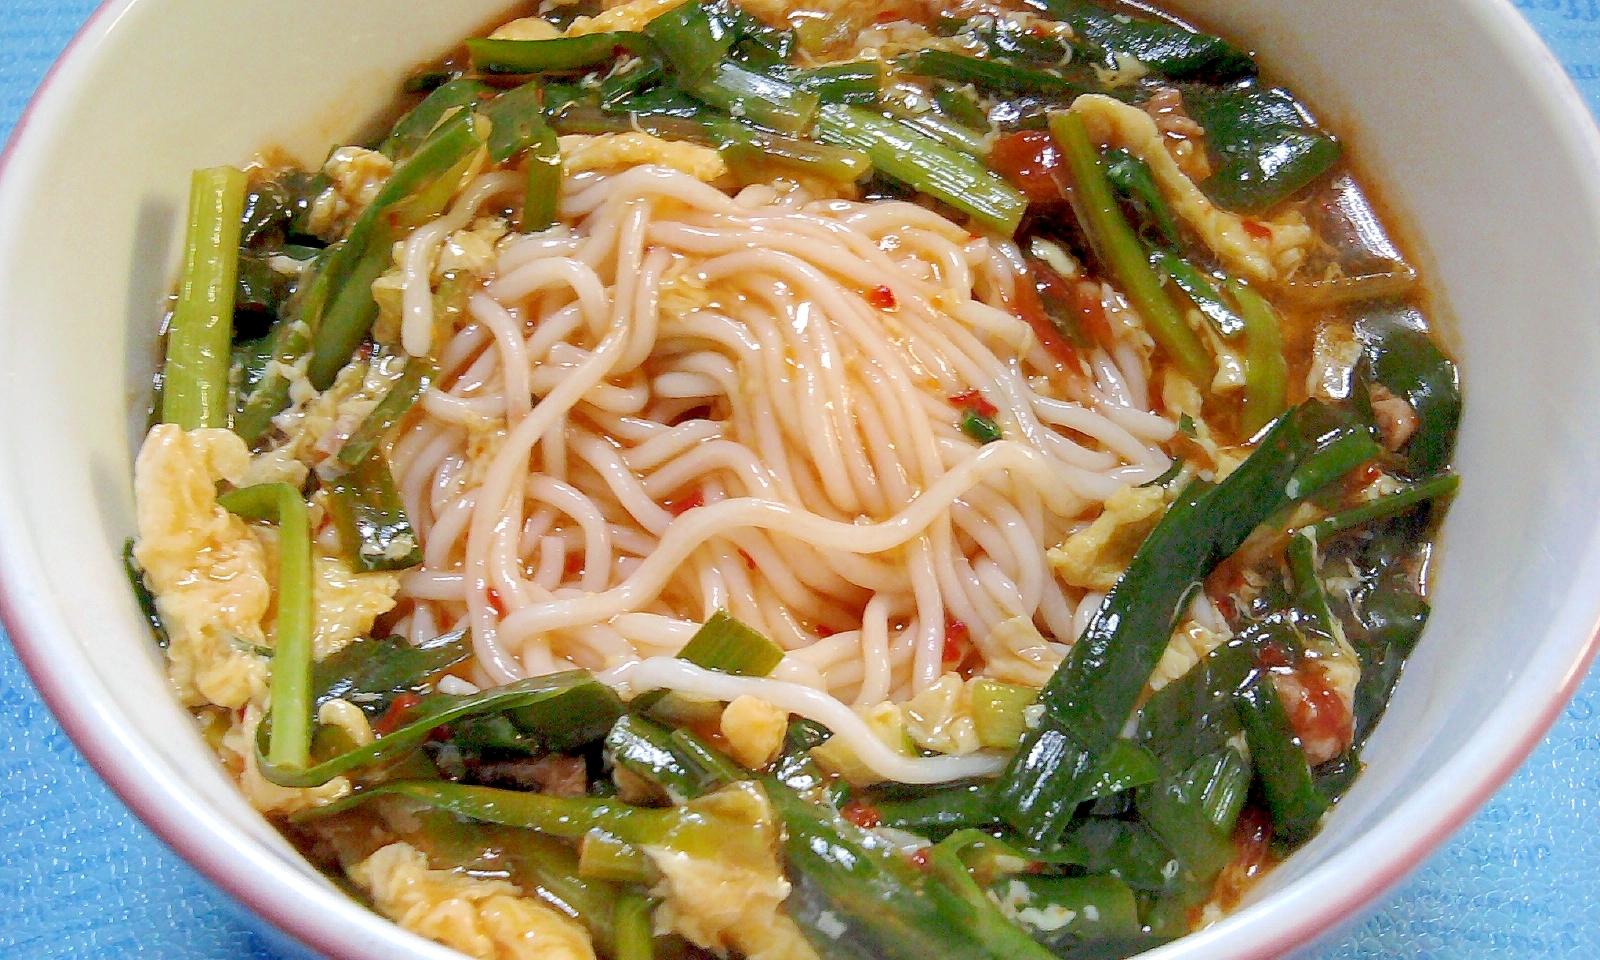 『辛麺』の冷やし餡かけ麺